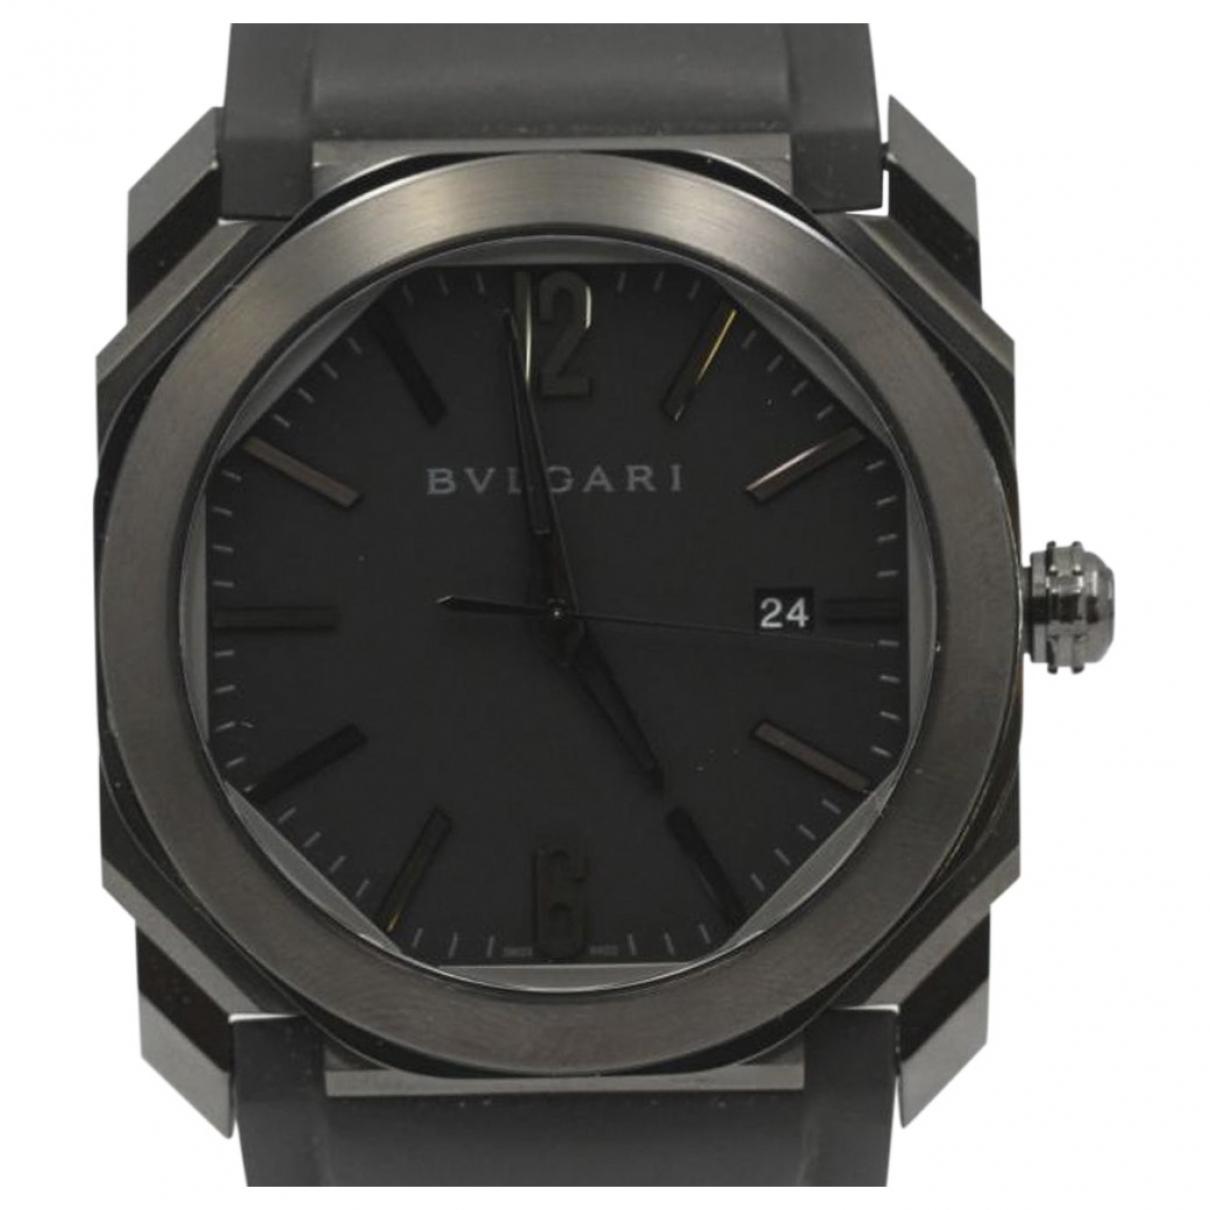 Relojes Octo Bvlgari